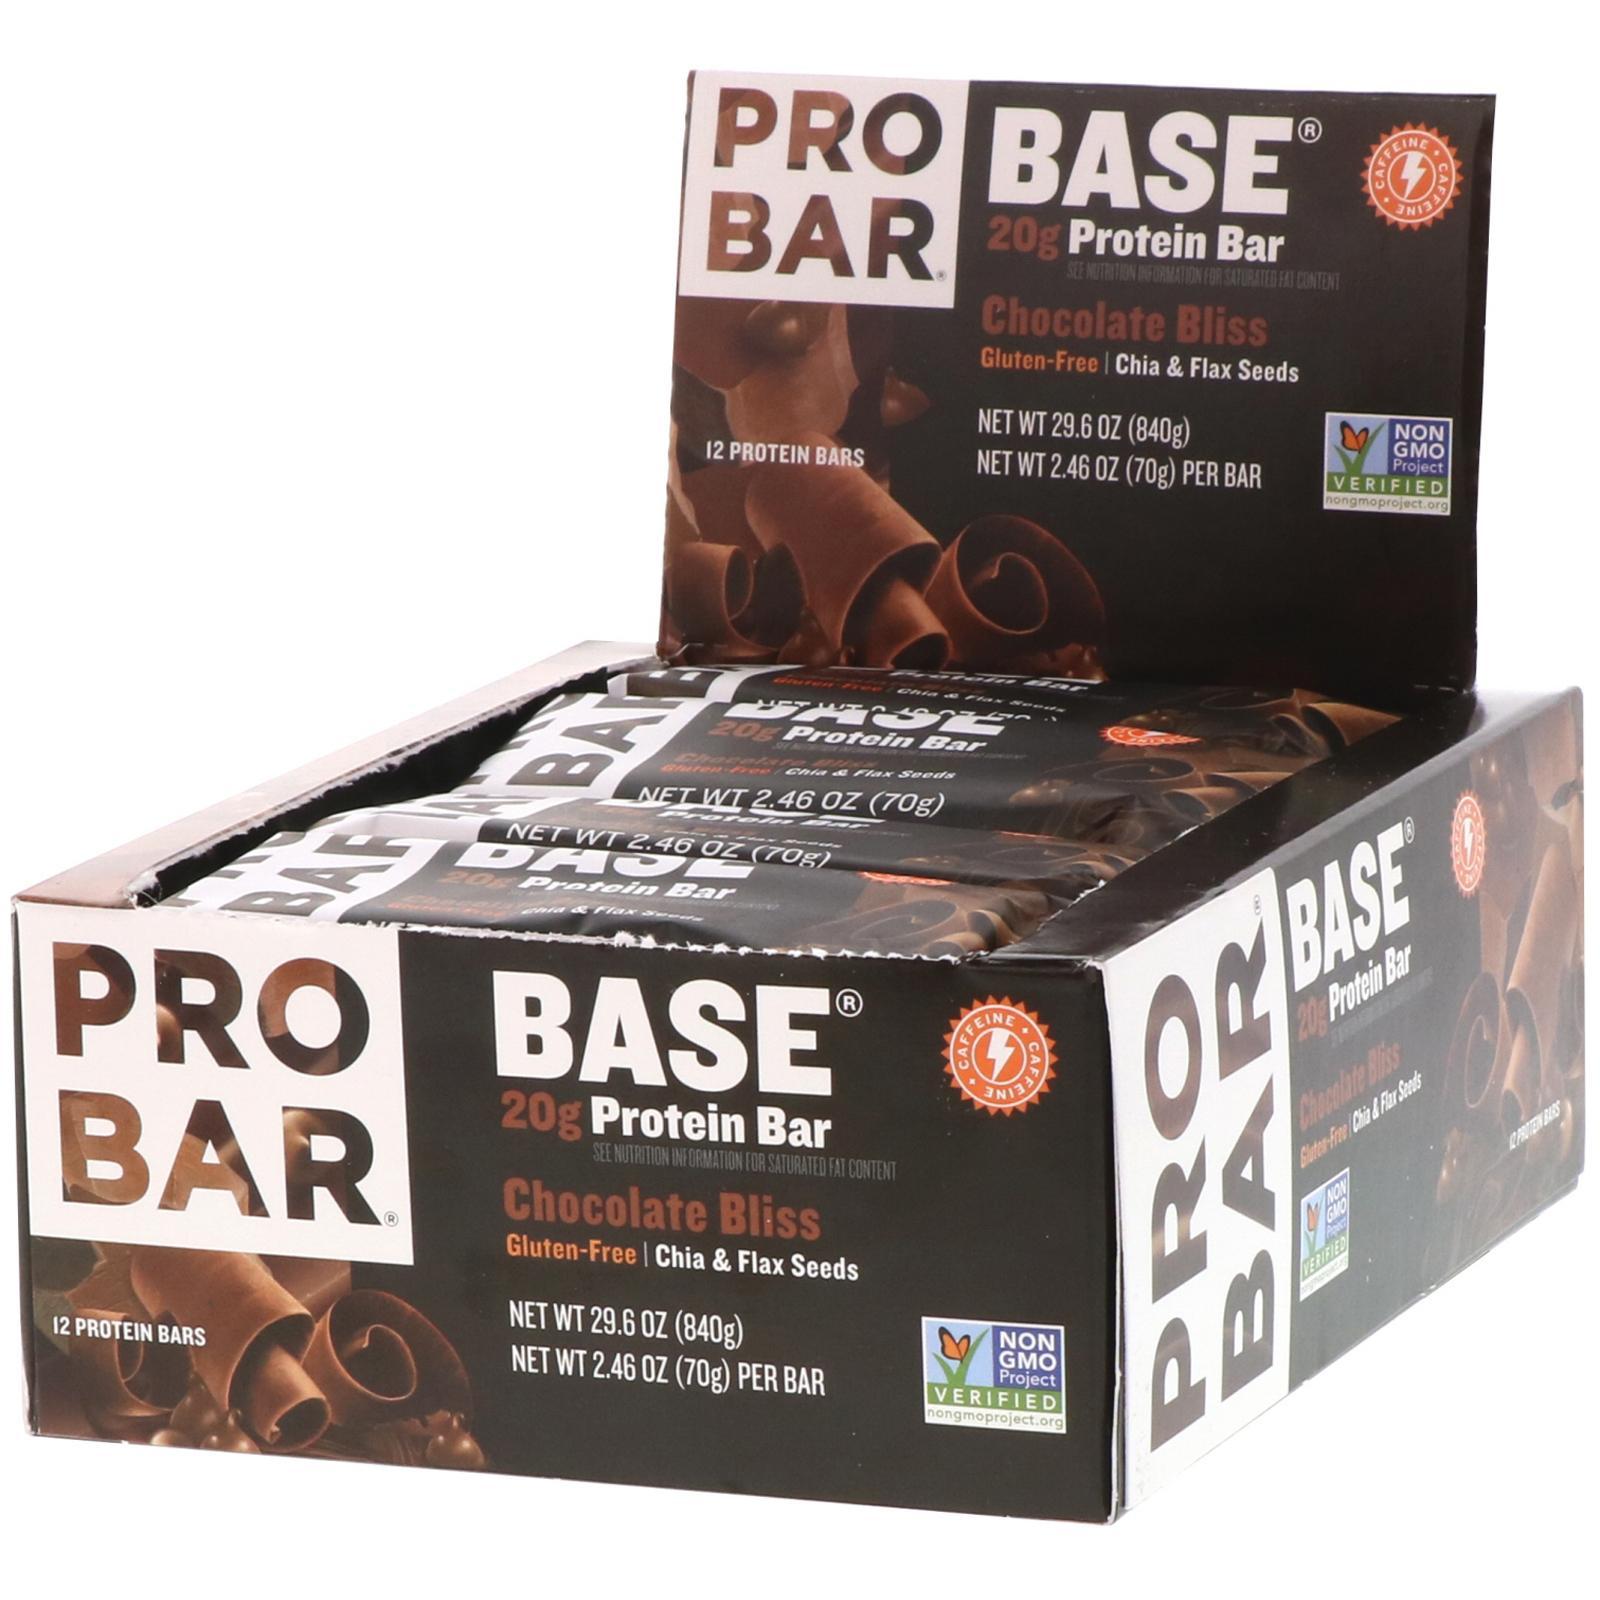 Whey Protein Bar : PRO BAR 850g ( 12 thanh ) nhập khẩu USA - 20g Protein/thanh